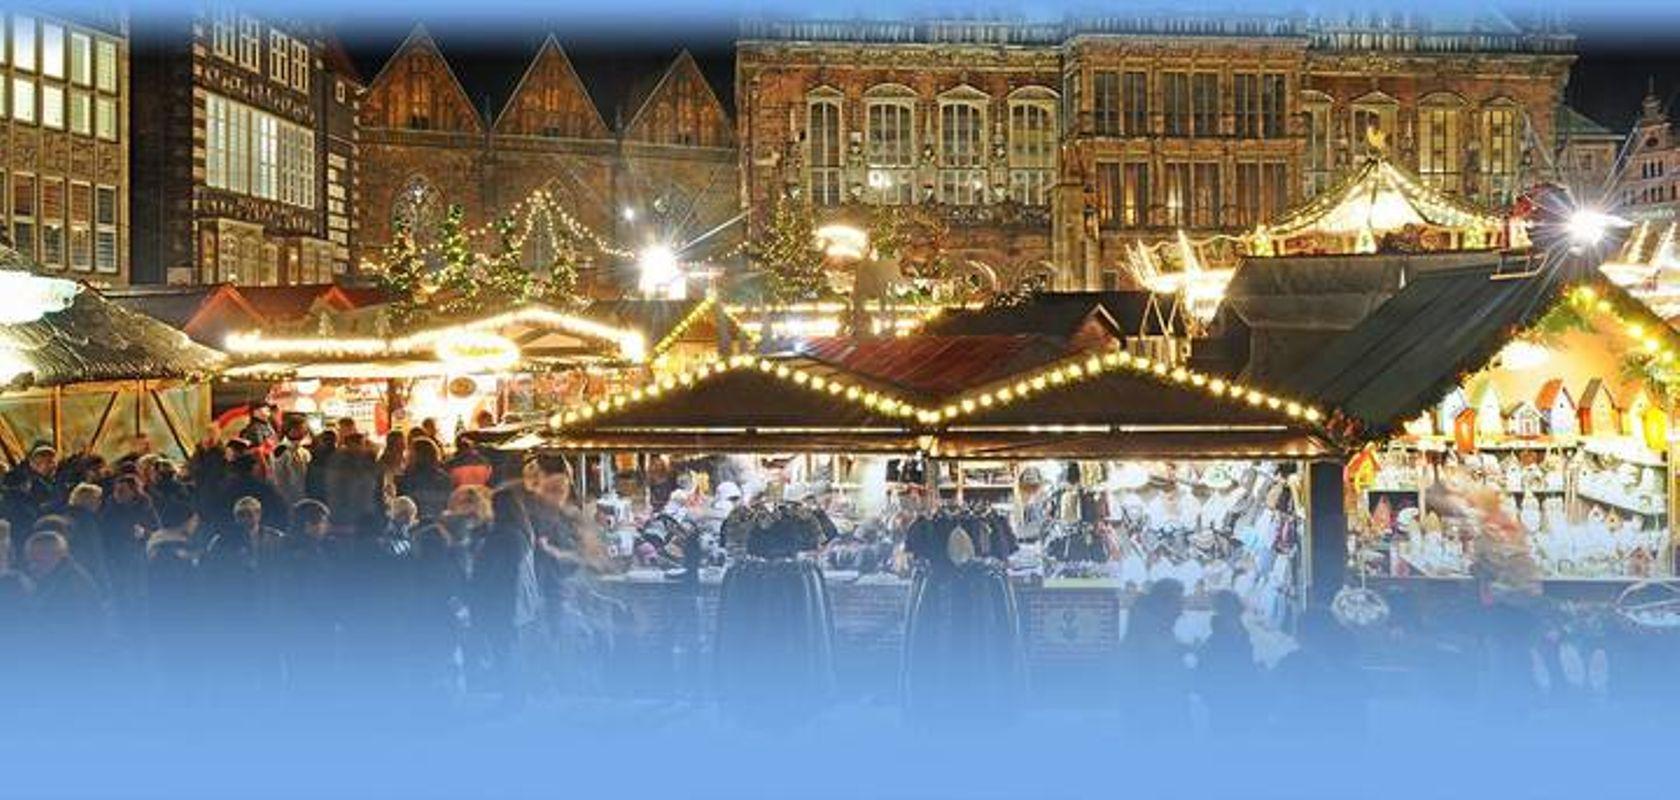 Wetter Weihnachtsmarkt Bremen